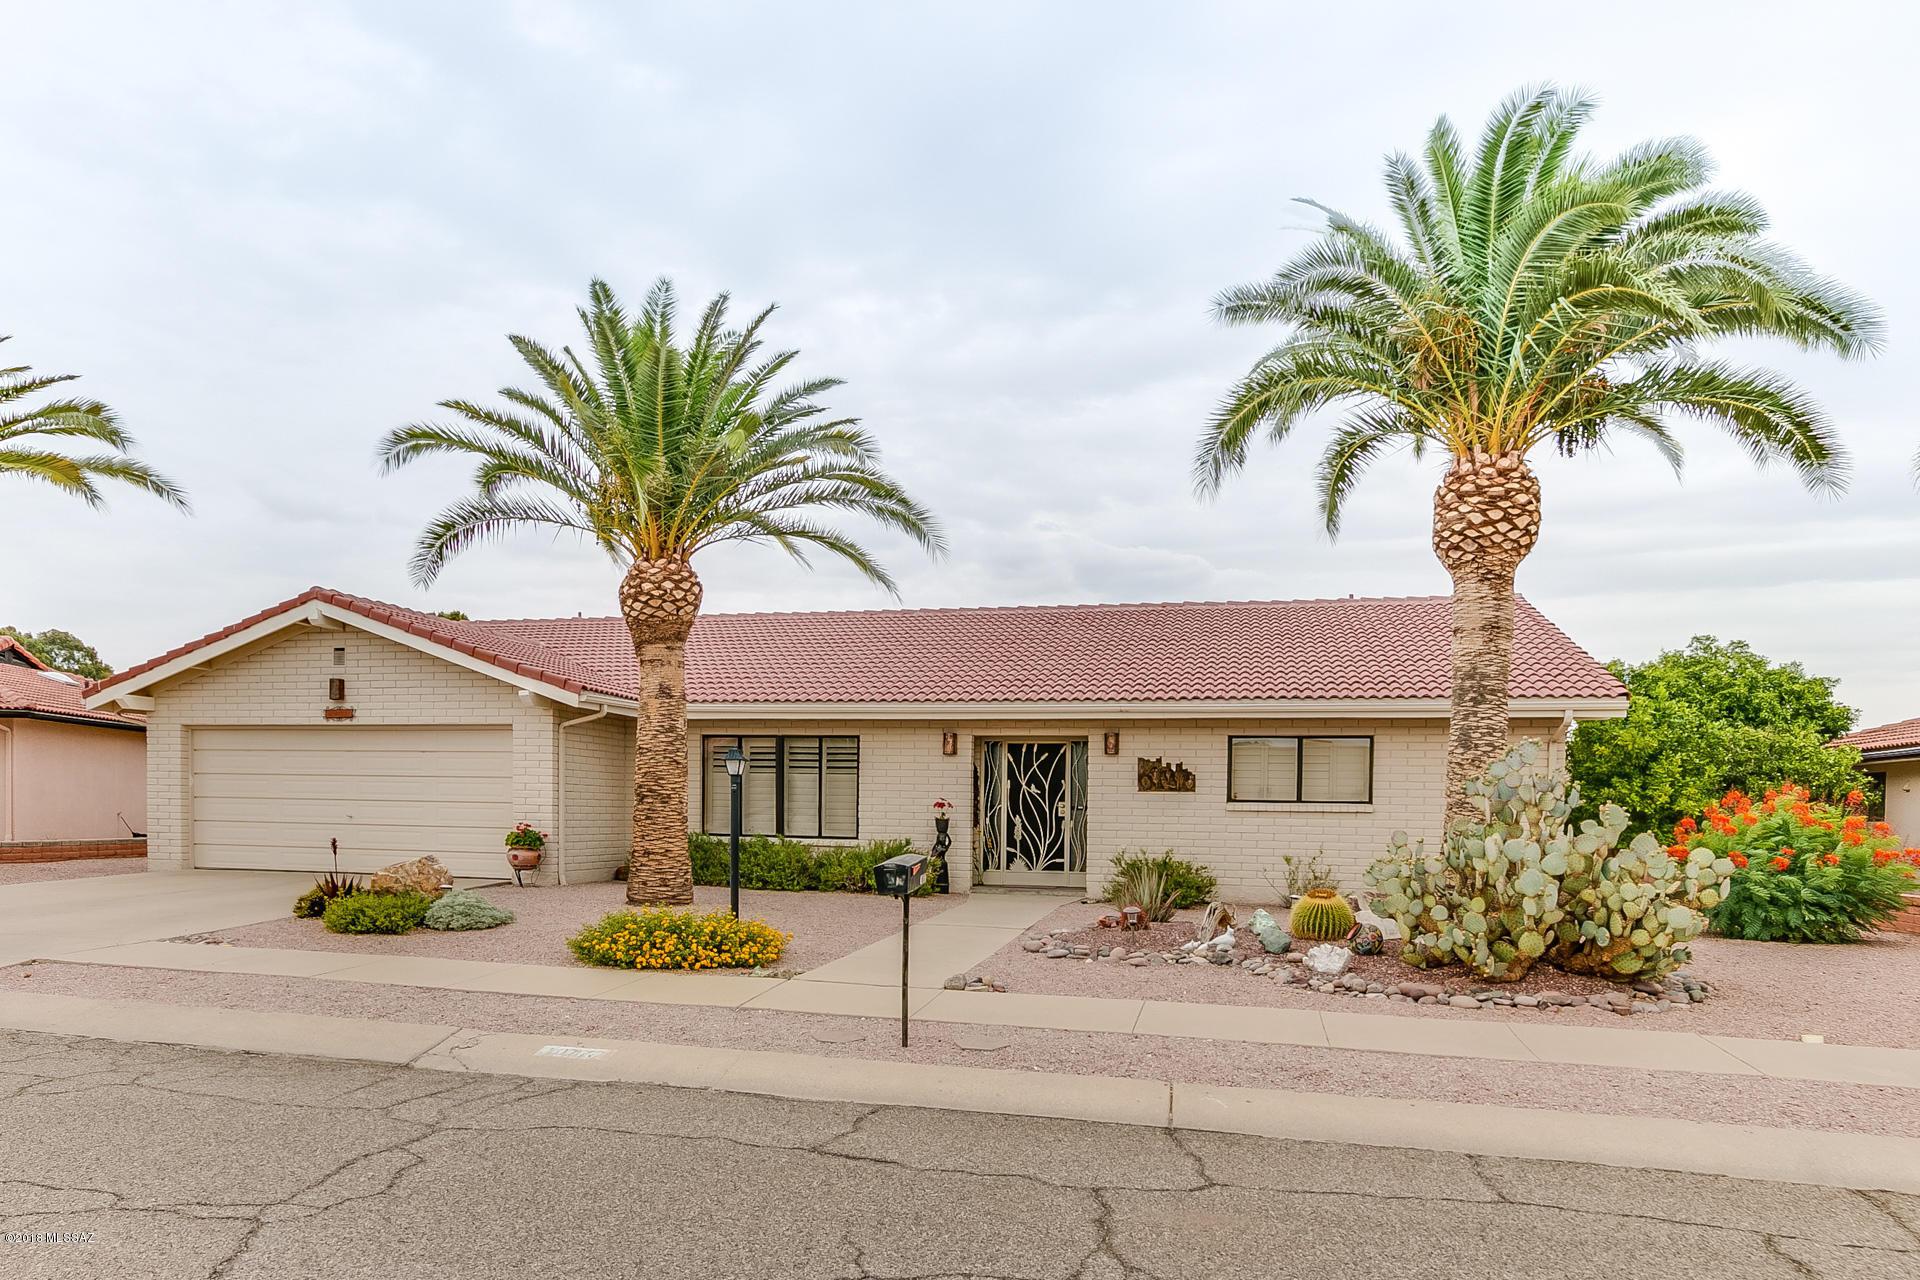 1077 N Paseo Iris, Green Valley, AZ - USA (photo 1)